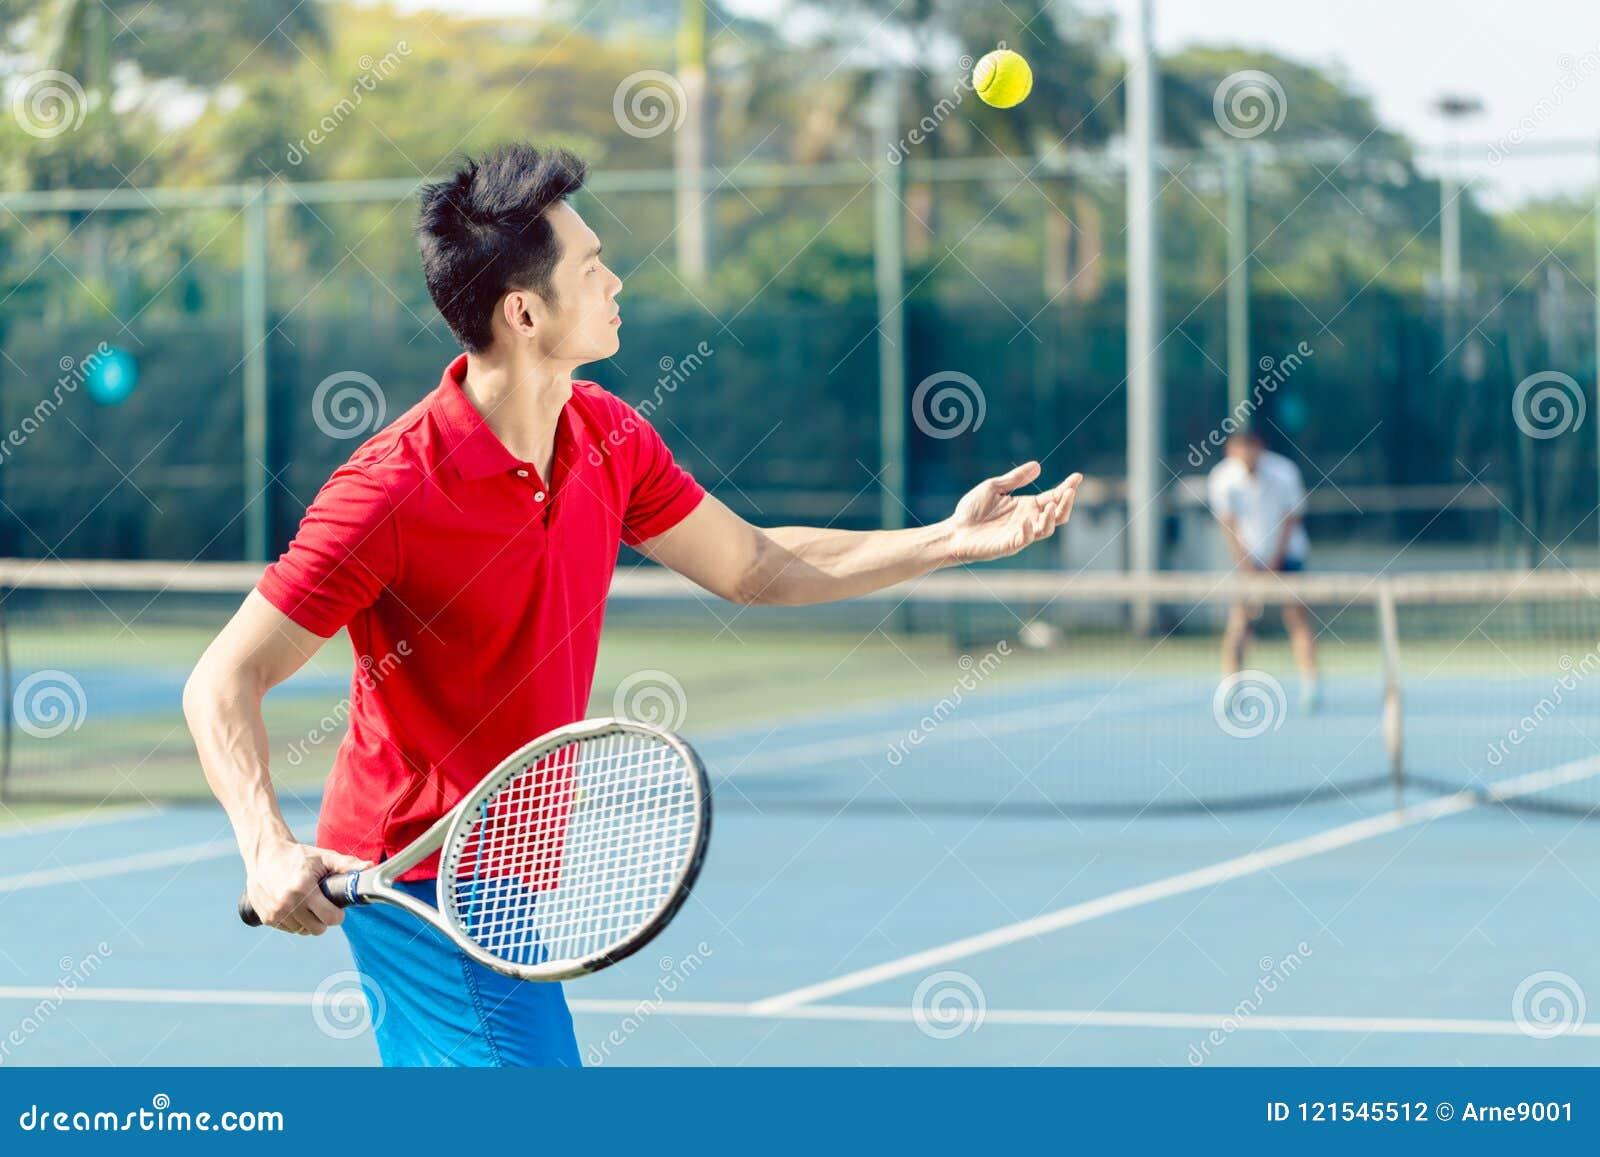 Jugador de tenis chino listo para golpear la bola mientras que sirve en un partido del tenis